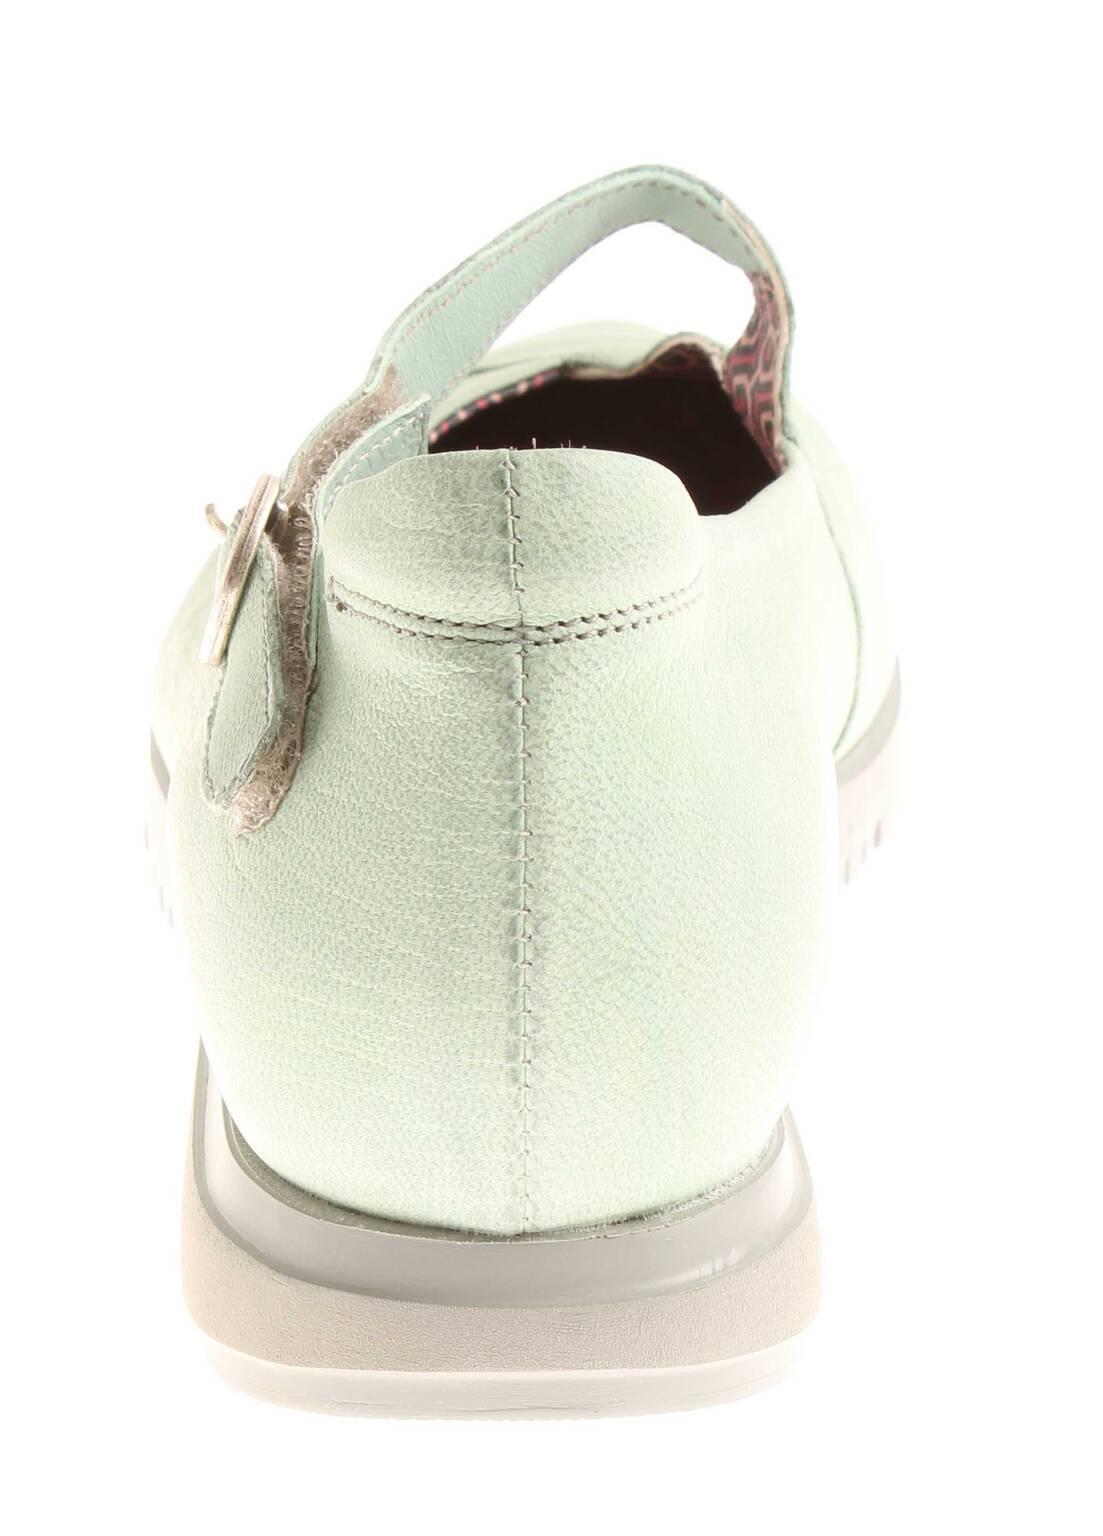 19c30d0513488a Ballerinas Sommerschuhe Damenschuhe Damen Mädchen Schuhe 84131 Think  Insbesondere Rabatt 7tDX8xk